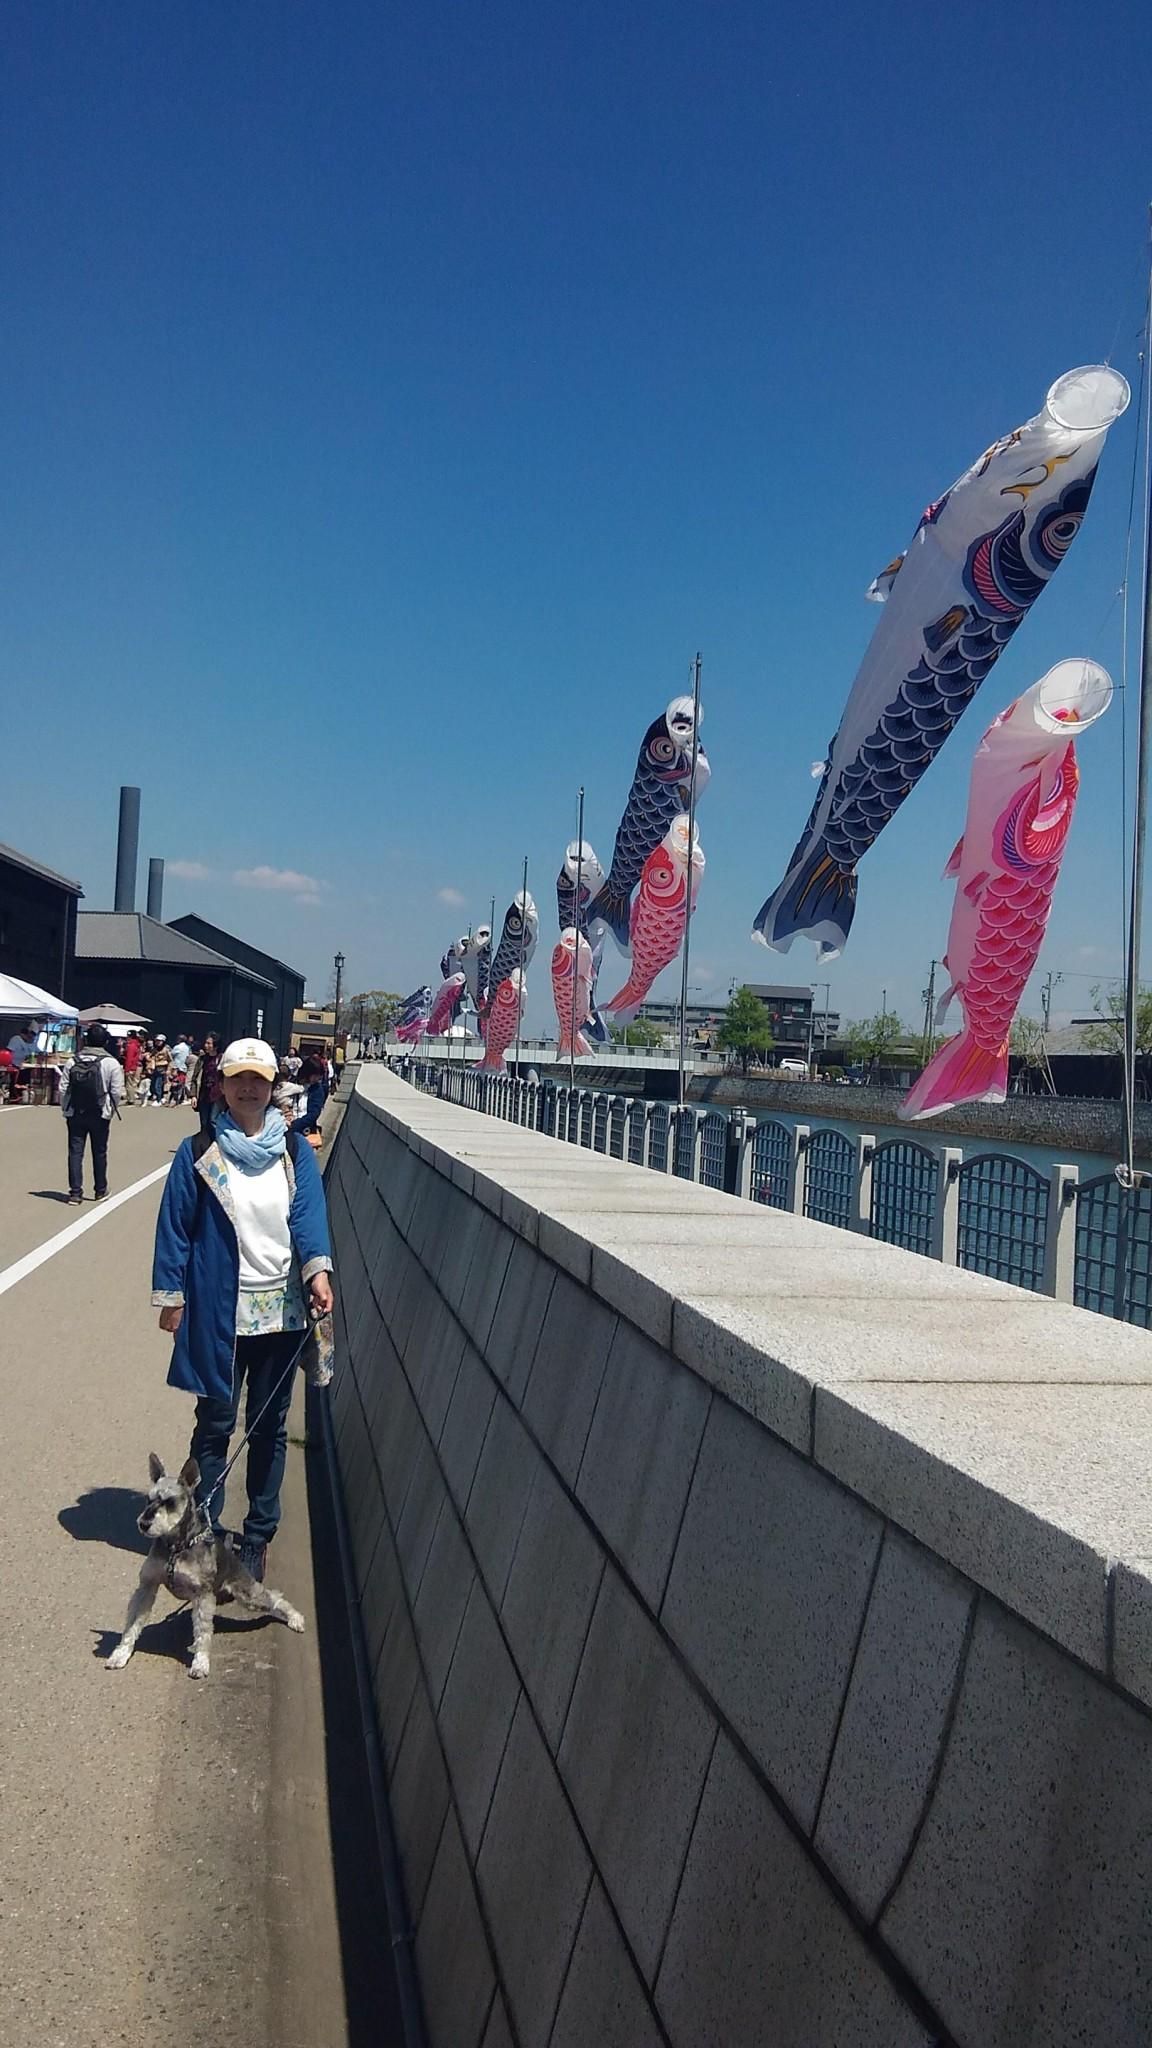 愛知県半田市 半田運河 鯉のぼり, Carp Stream at Canal in Honda city Aichi prefecture Japan